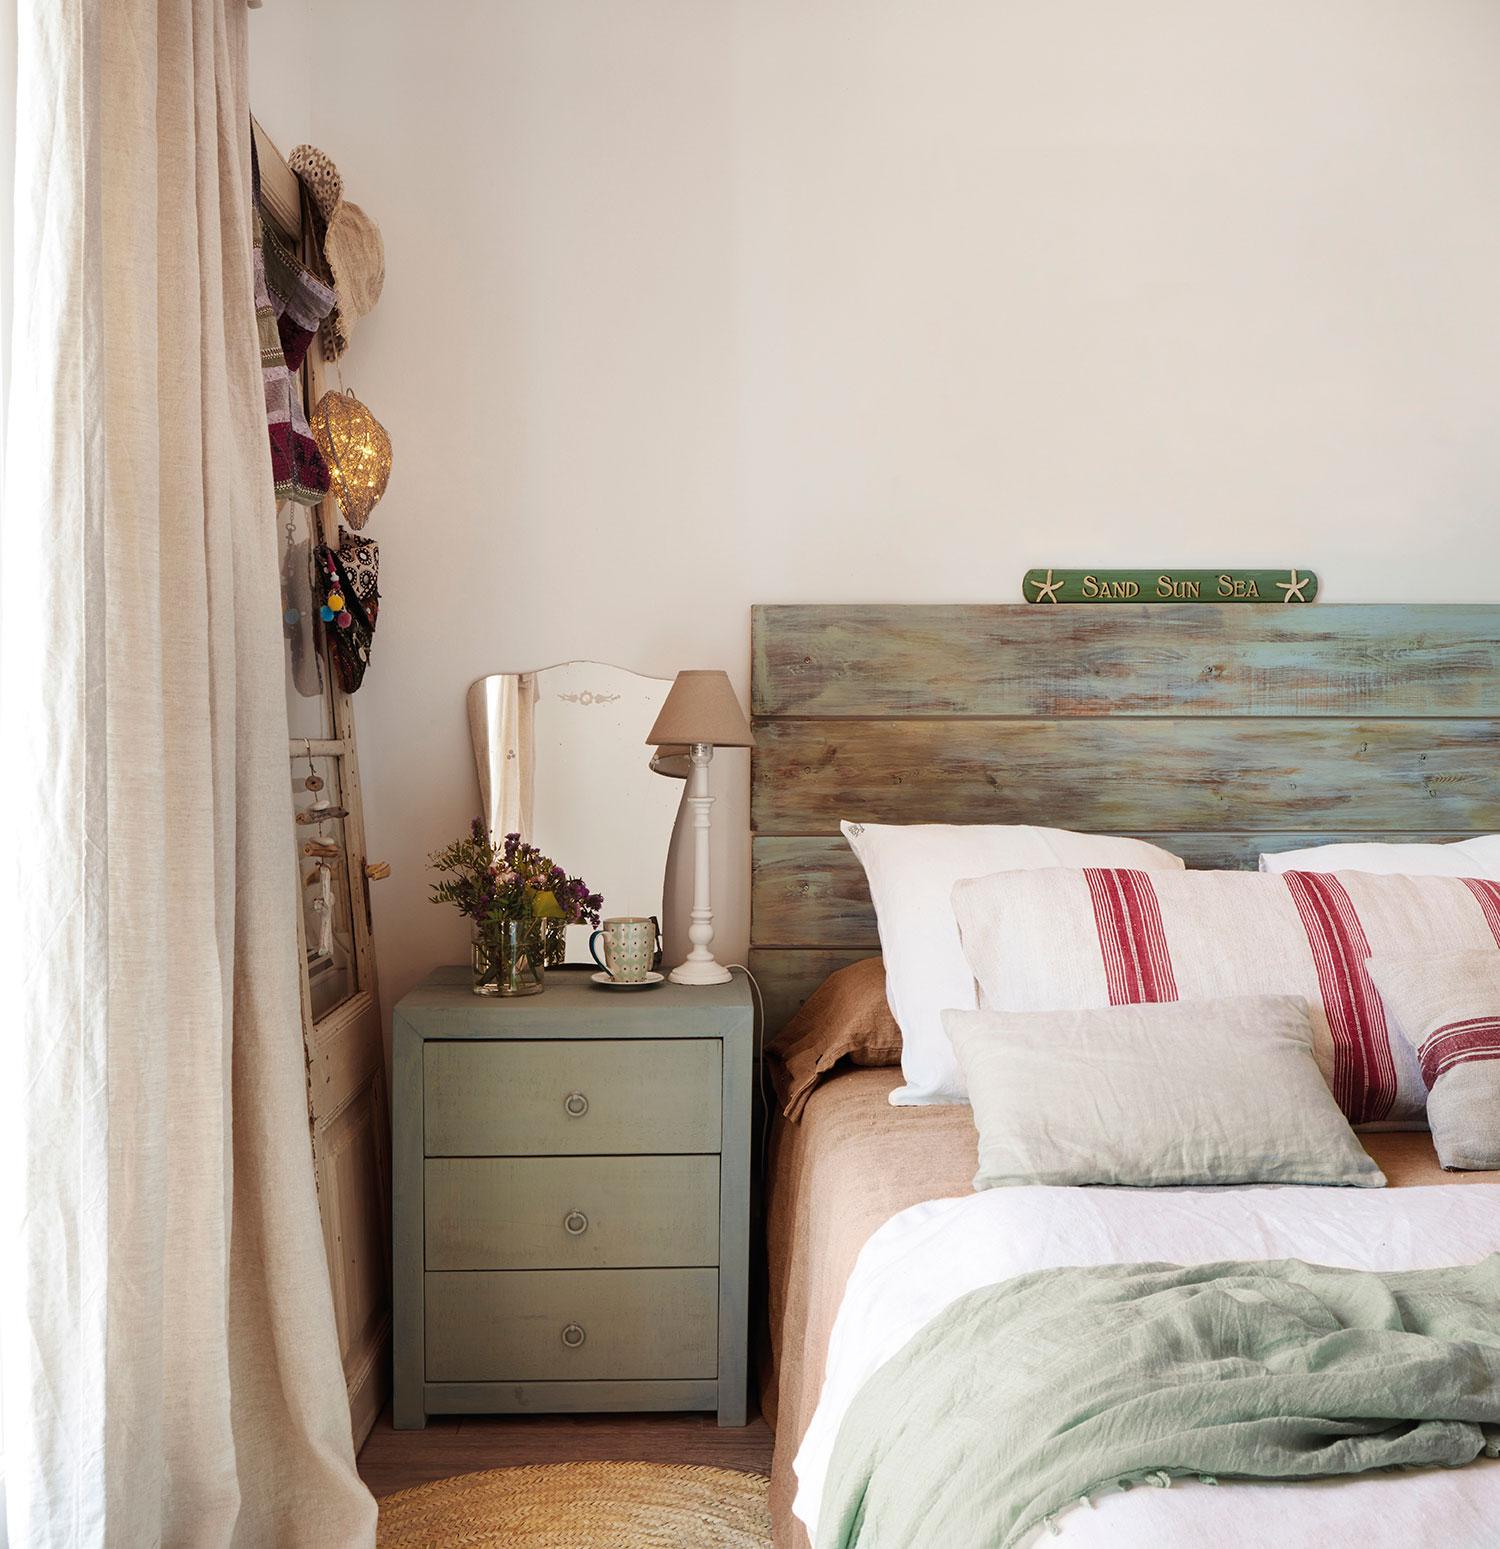 кровать изголовье прикроватный комод подушки